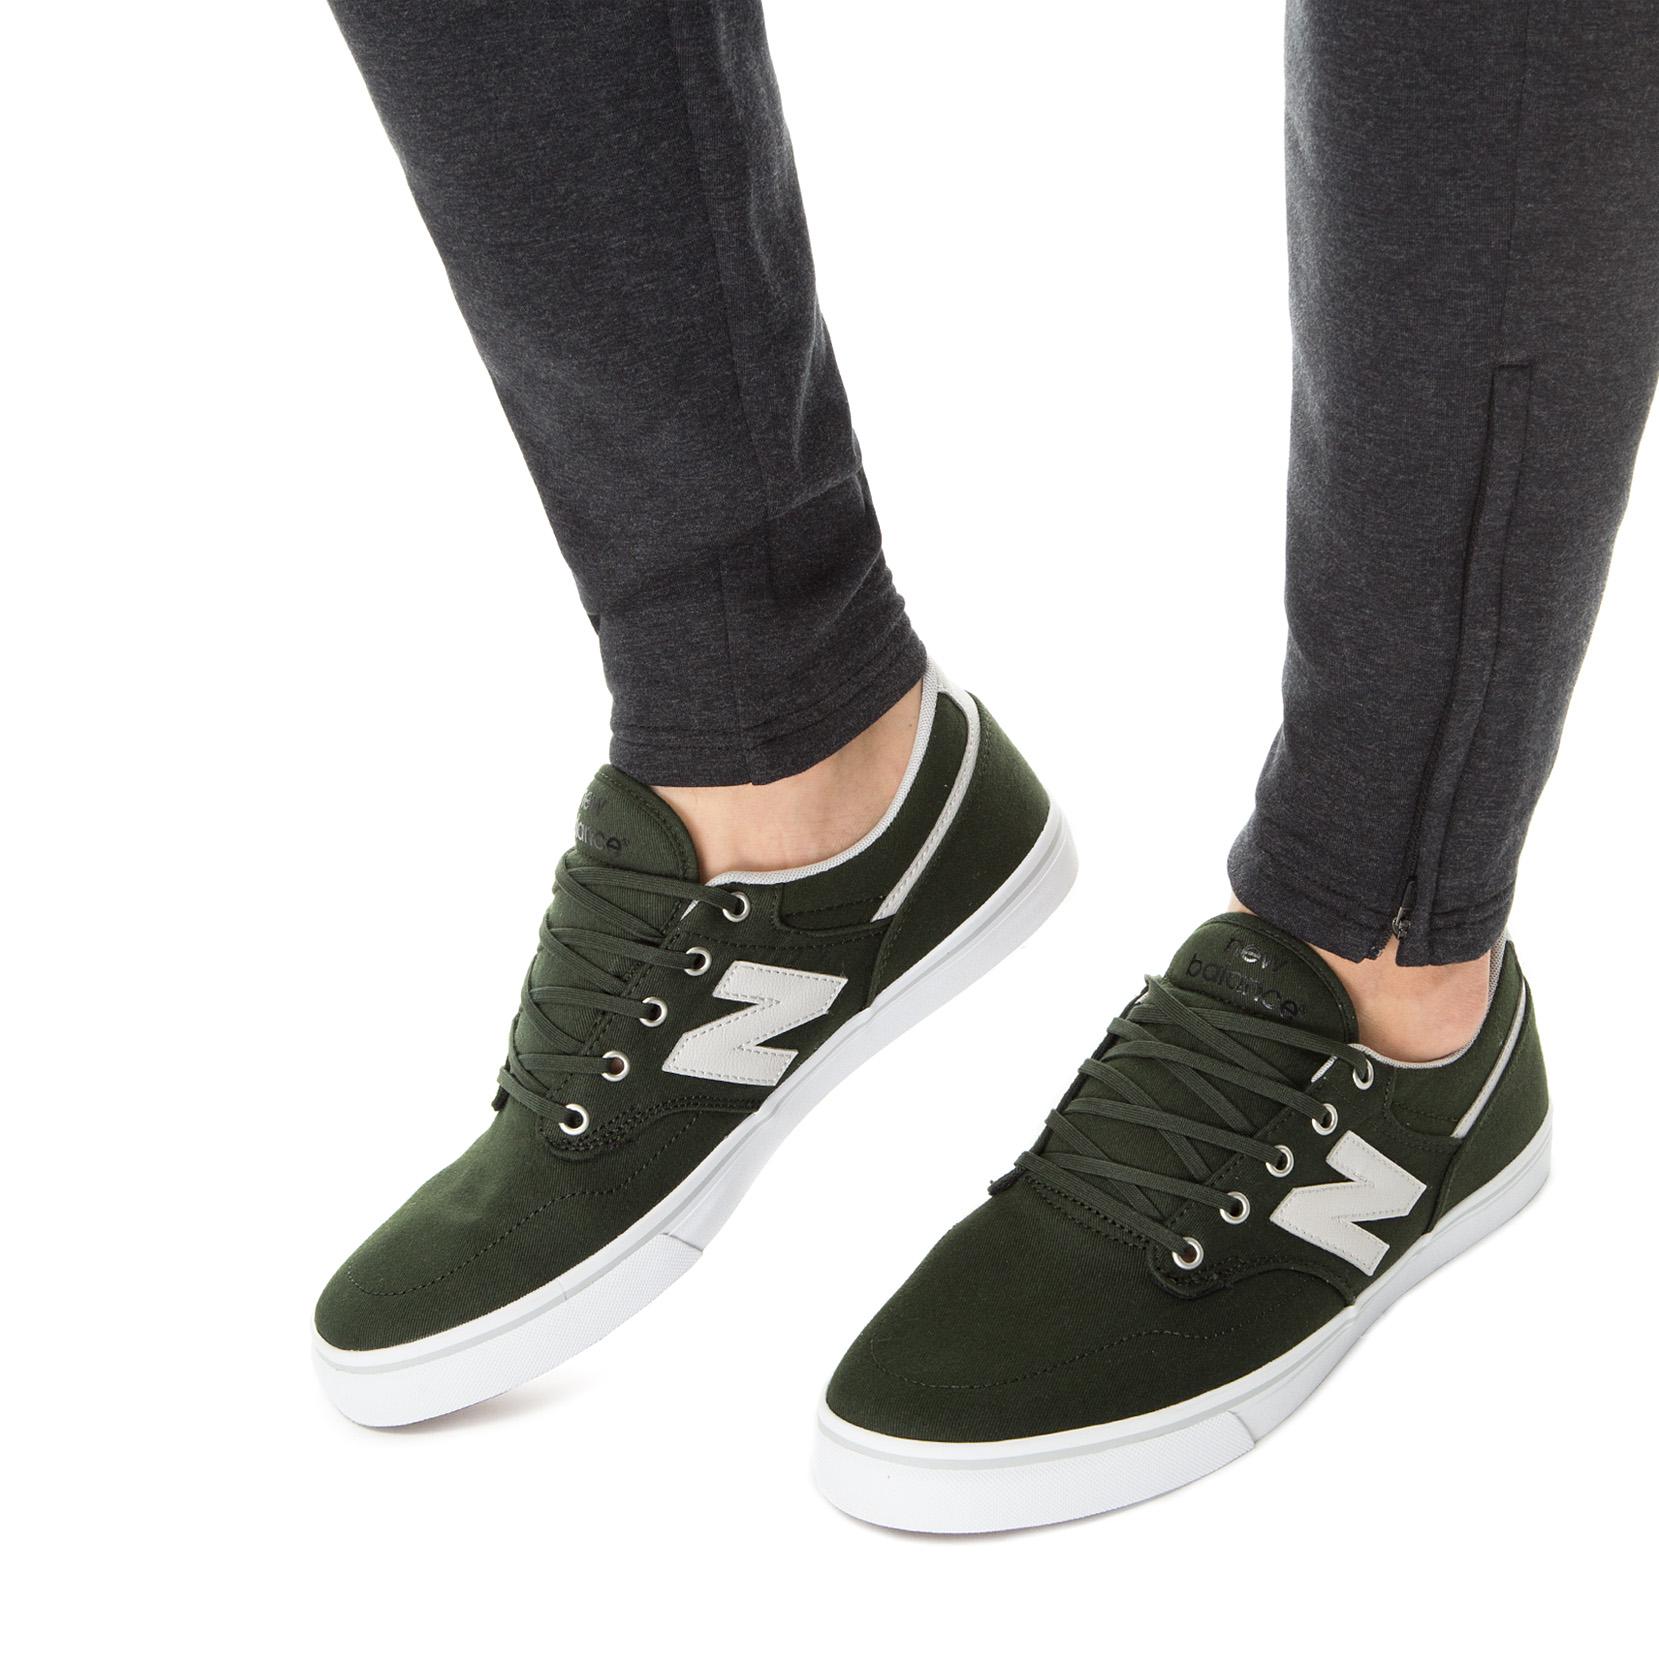 Чоловіче взуття повсякденне New Balance 331 AM331ORW | New Balance